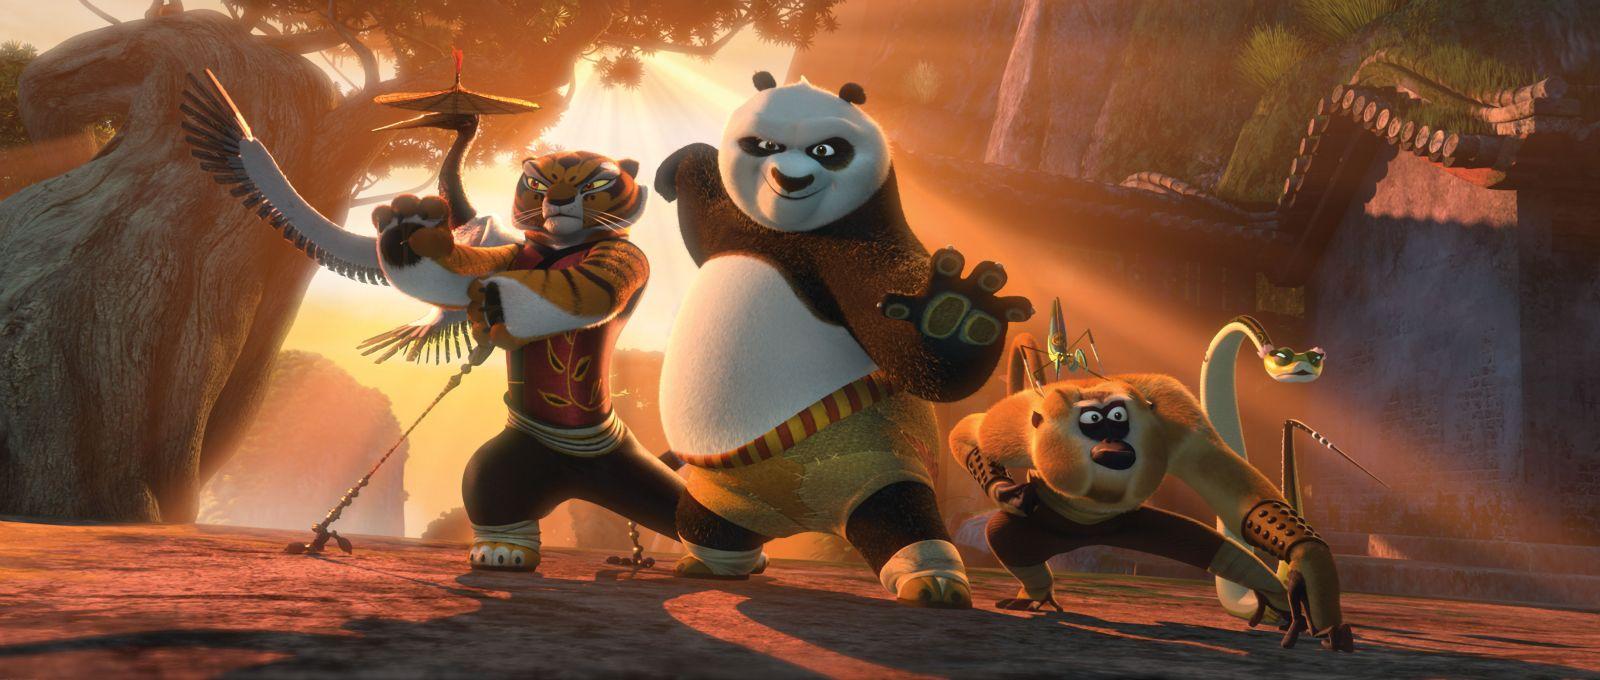 Kung Fu Panda Characters Names